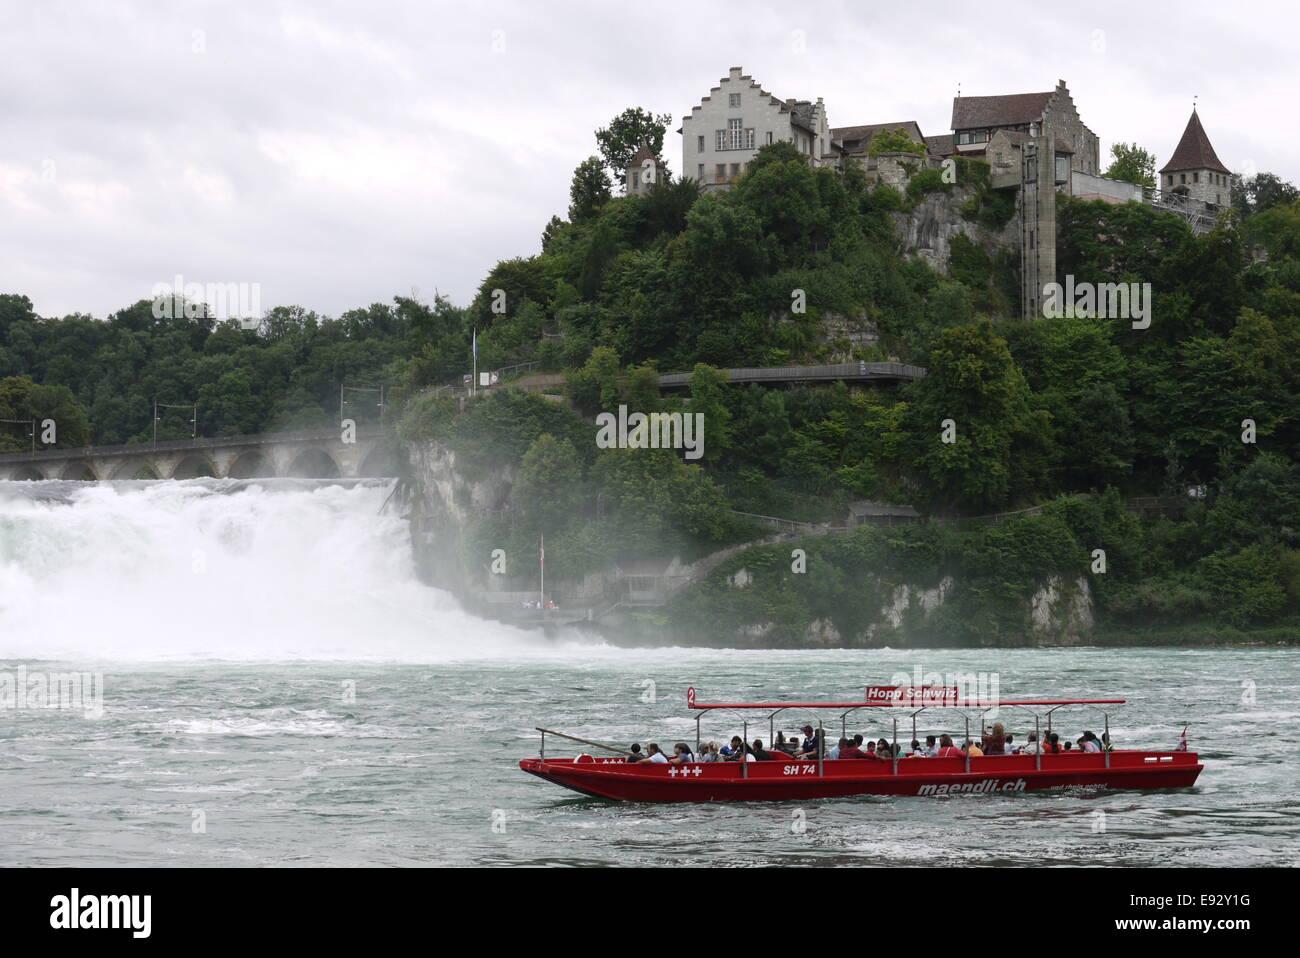 Ausflugsboot der Mändli Schifffahrt am Rheinfall, gegenüber Schloss Laufen Stock Photo